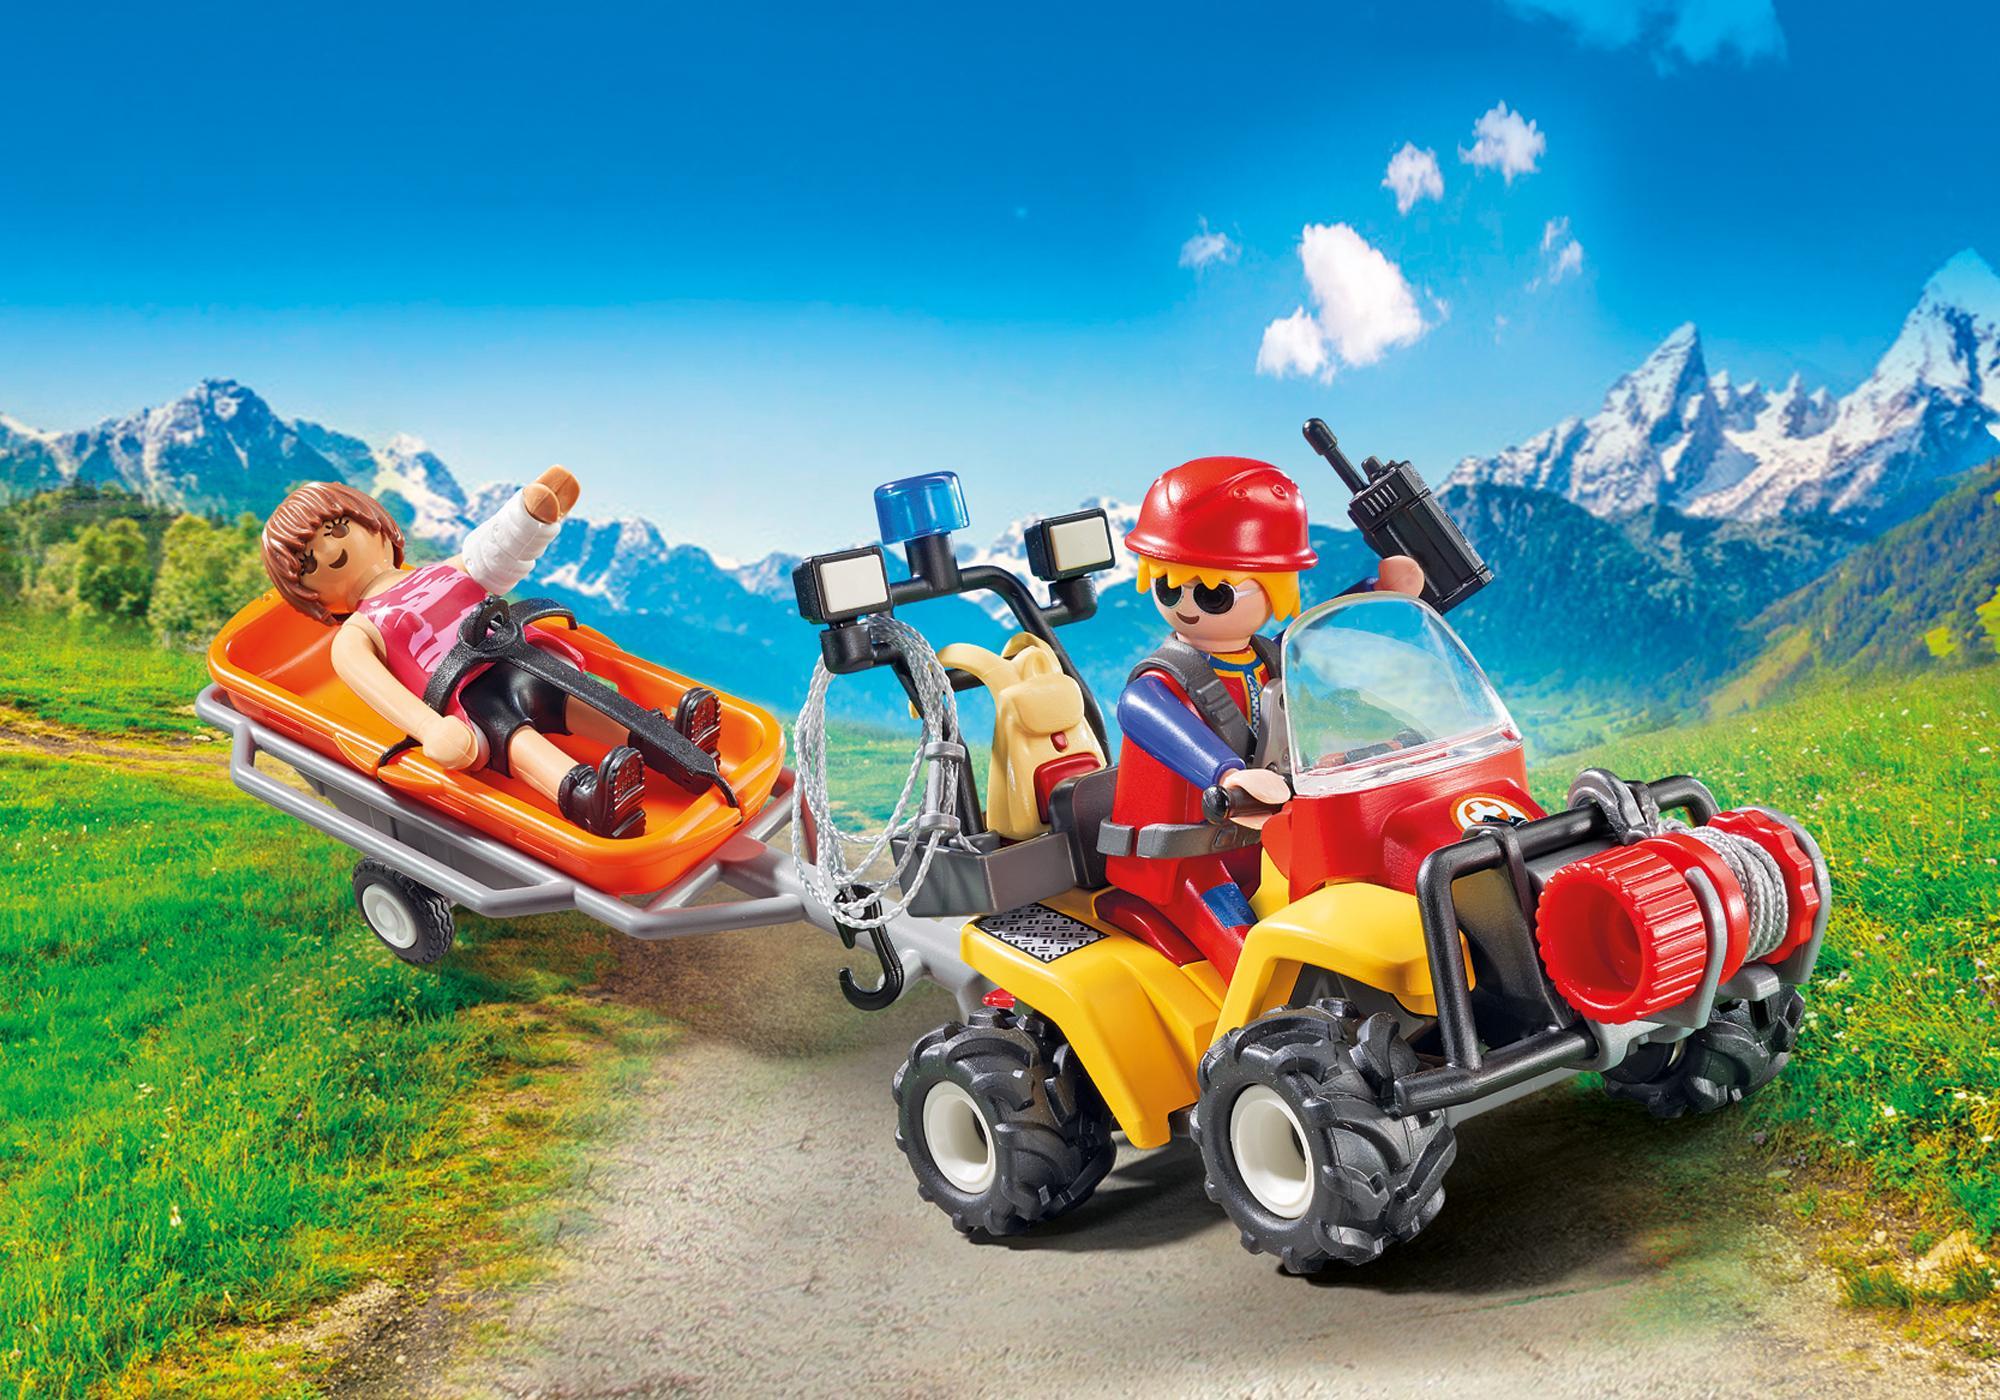 http://media.playmobil.com/i/playmobil/9130_product_detail/Secouriste des montagnes avec quad